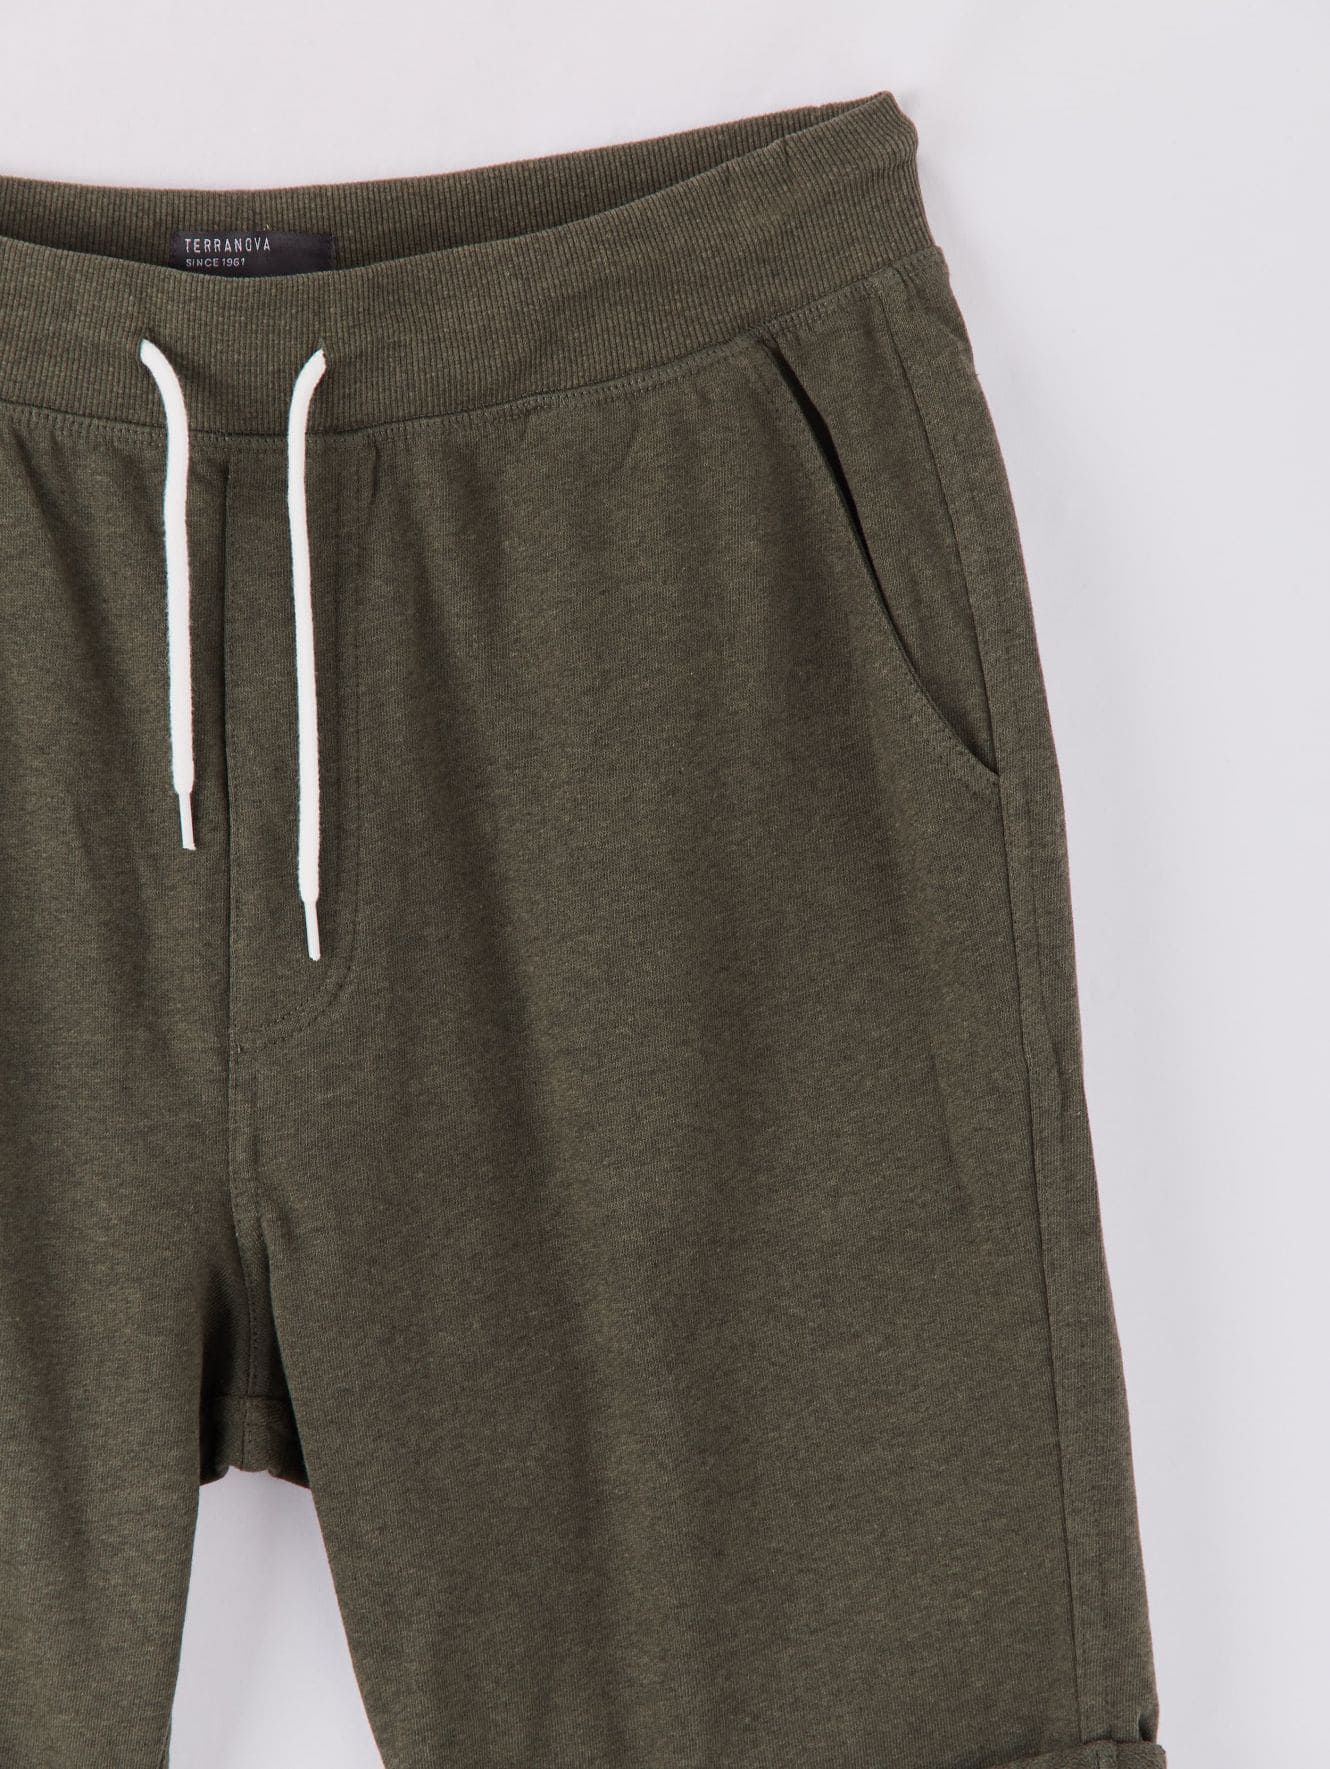 Pantalone ginnico Corto Uomo Terranova